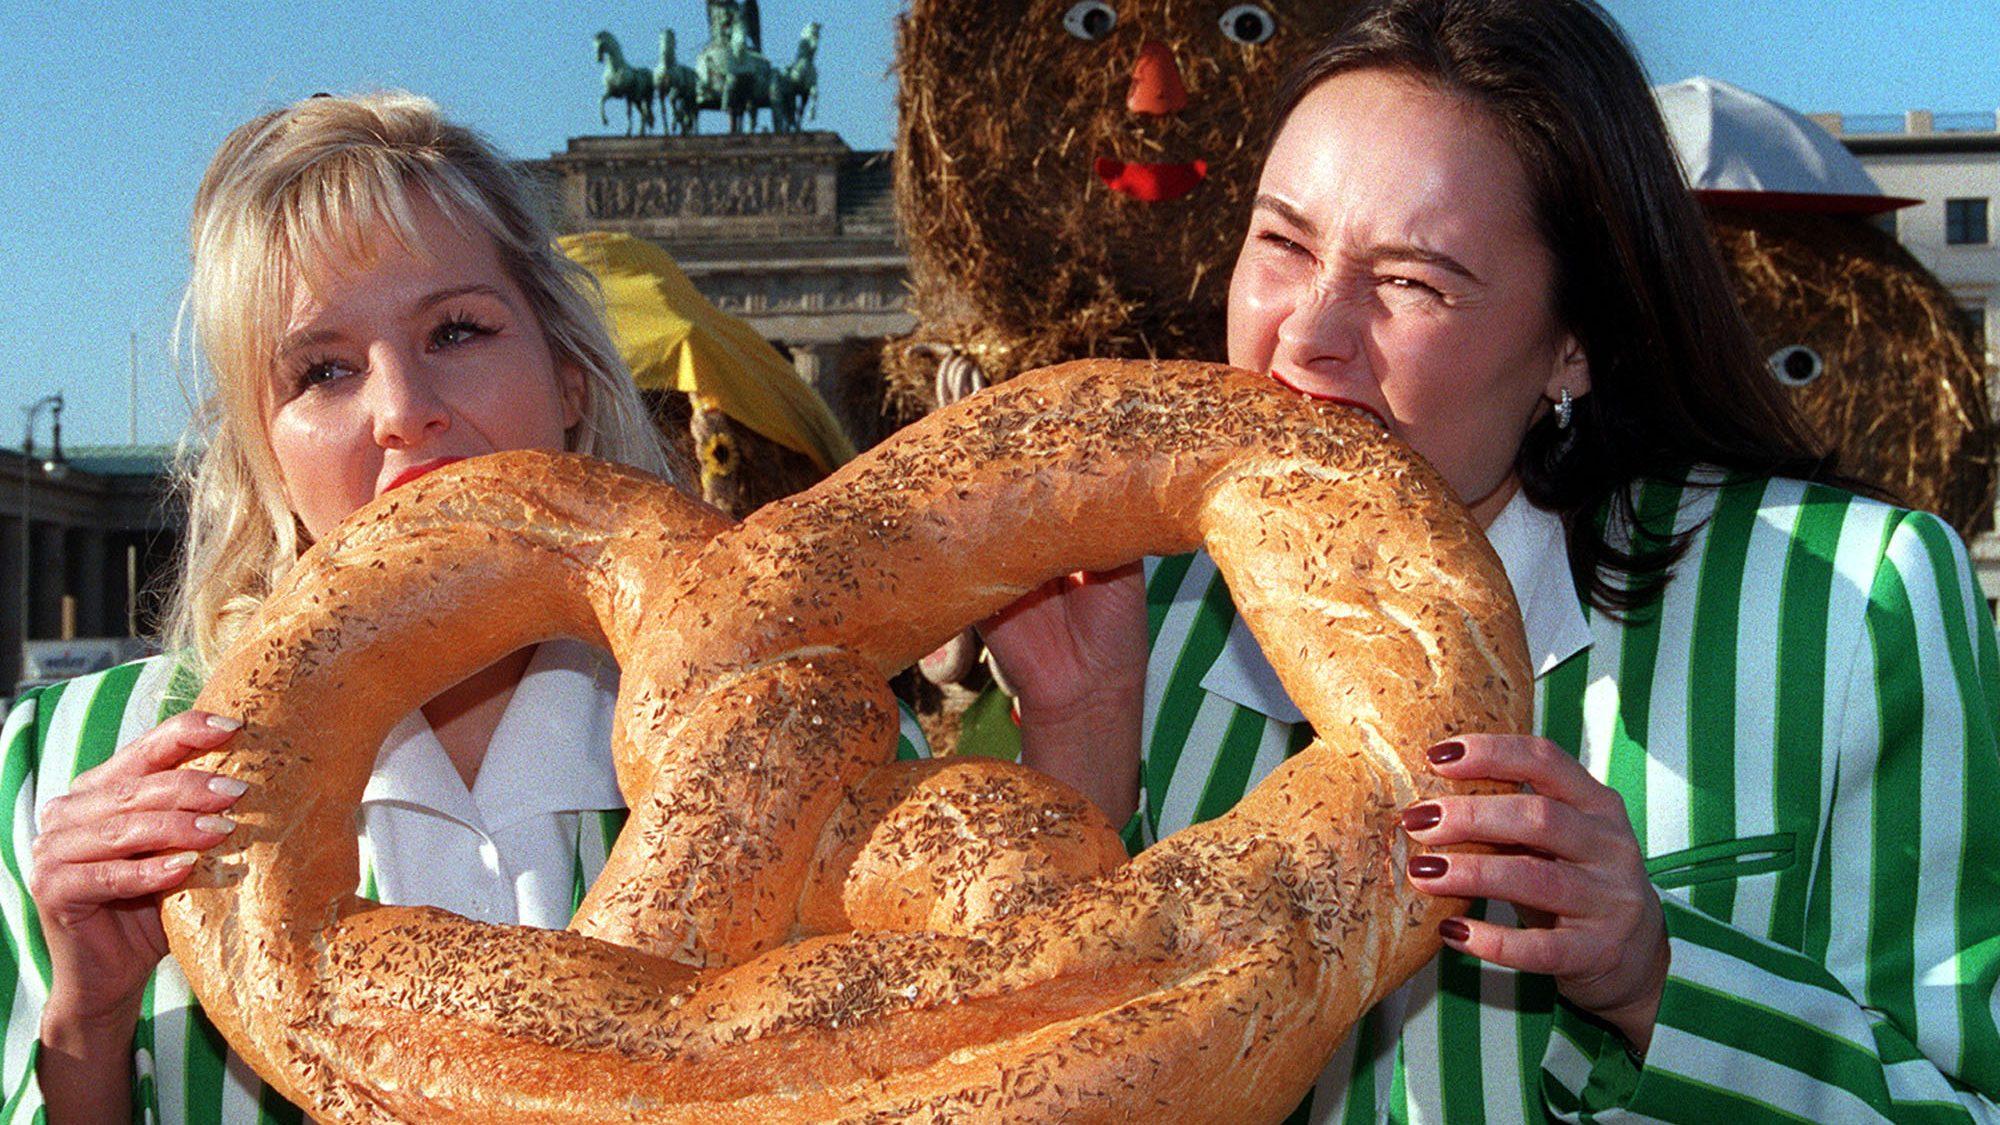 Women bite into a large pretzel